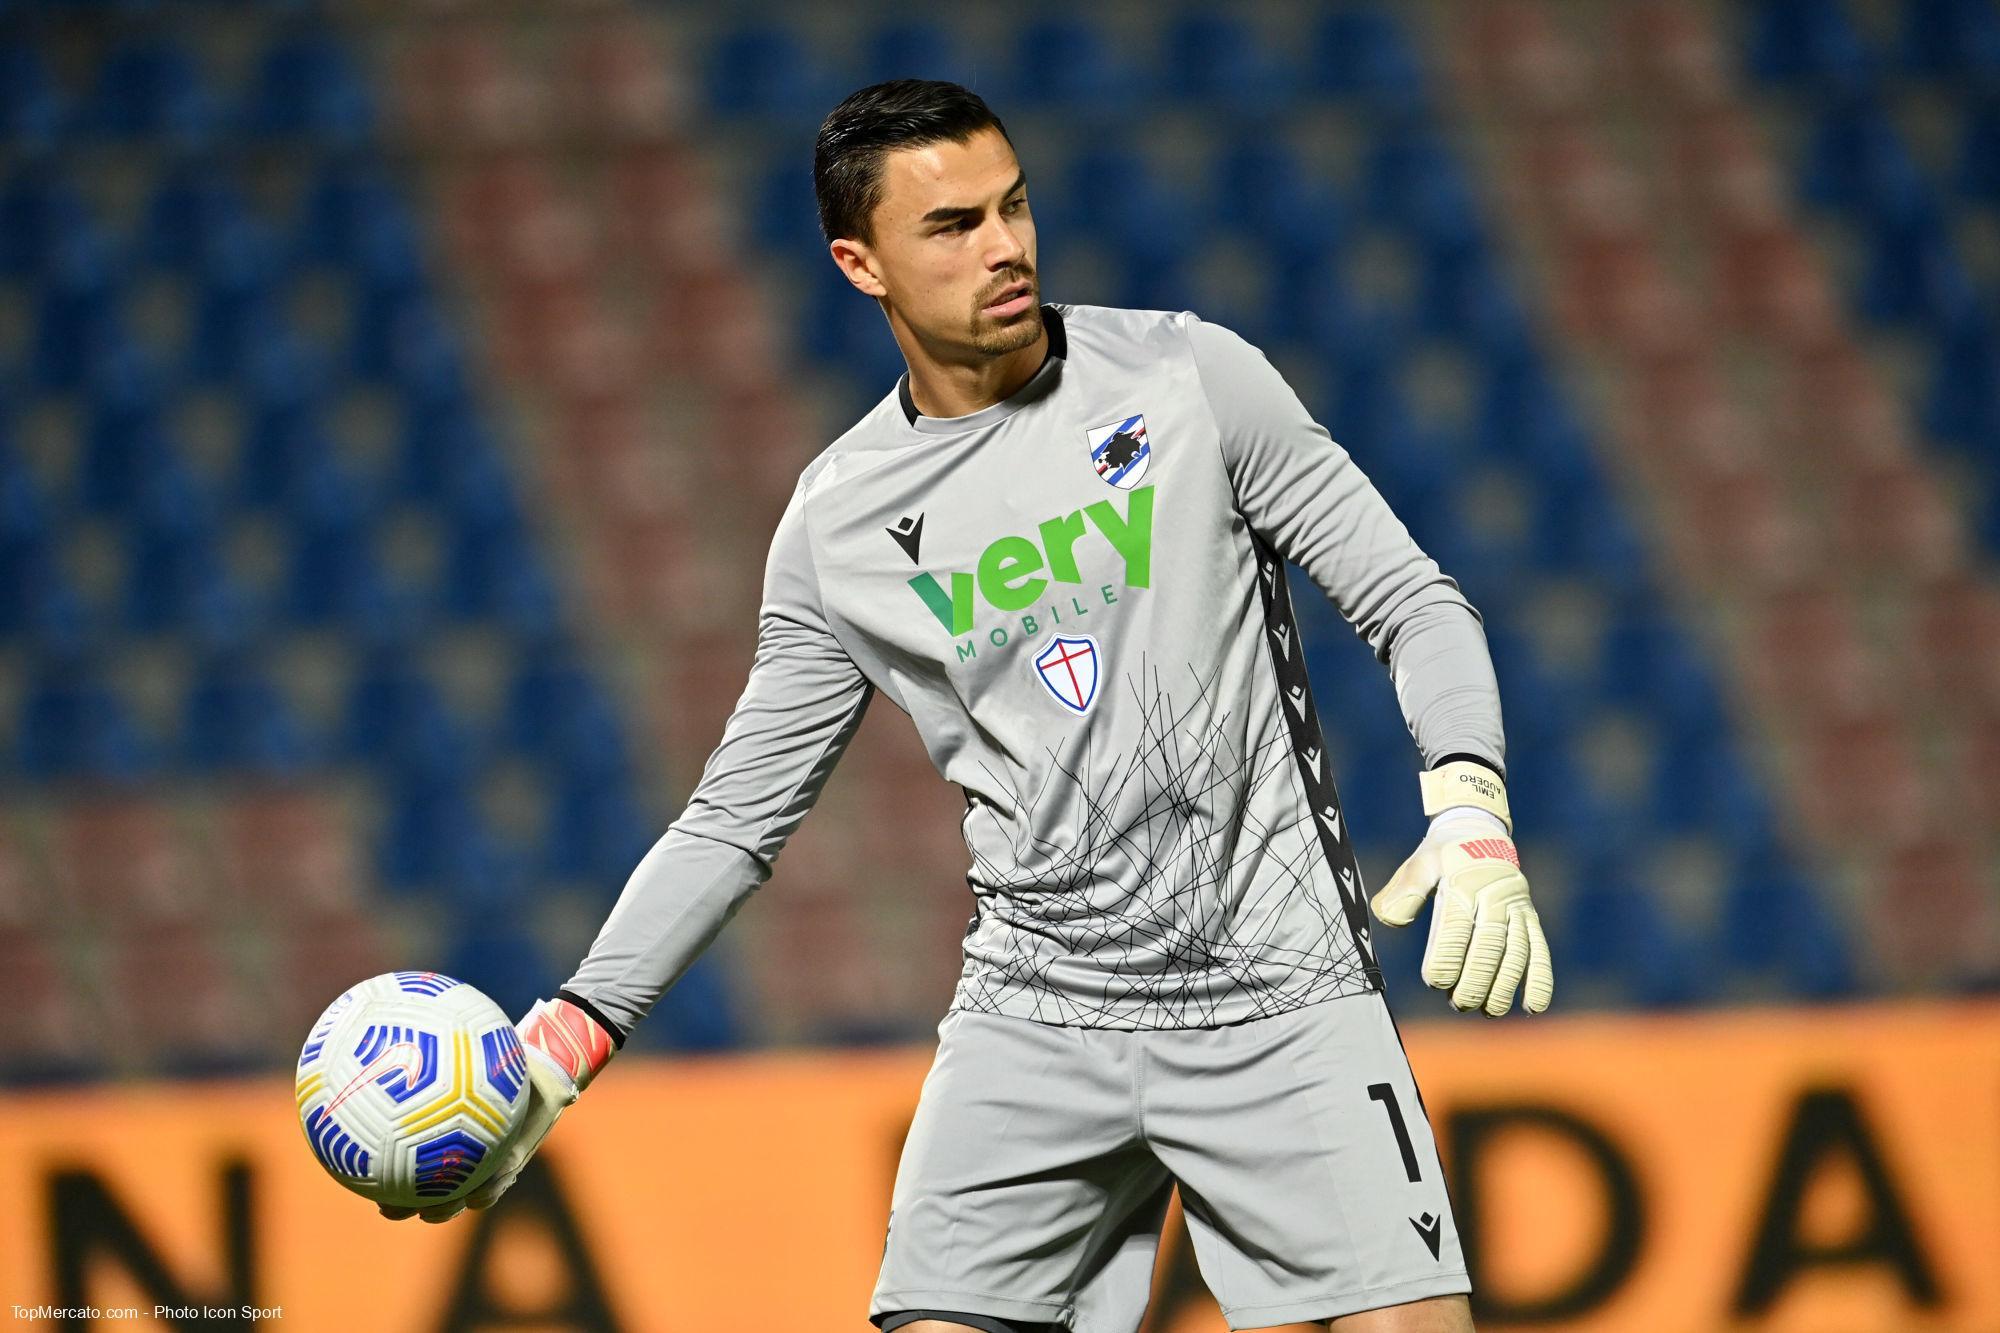 Emil Audero, Sampdoria